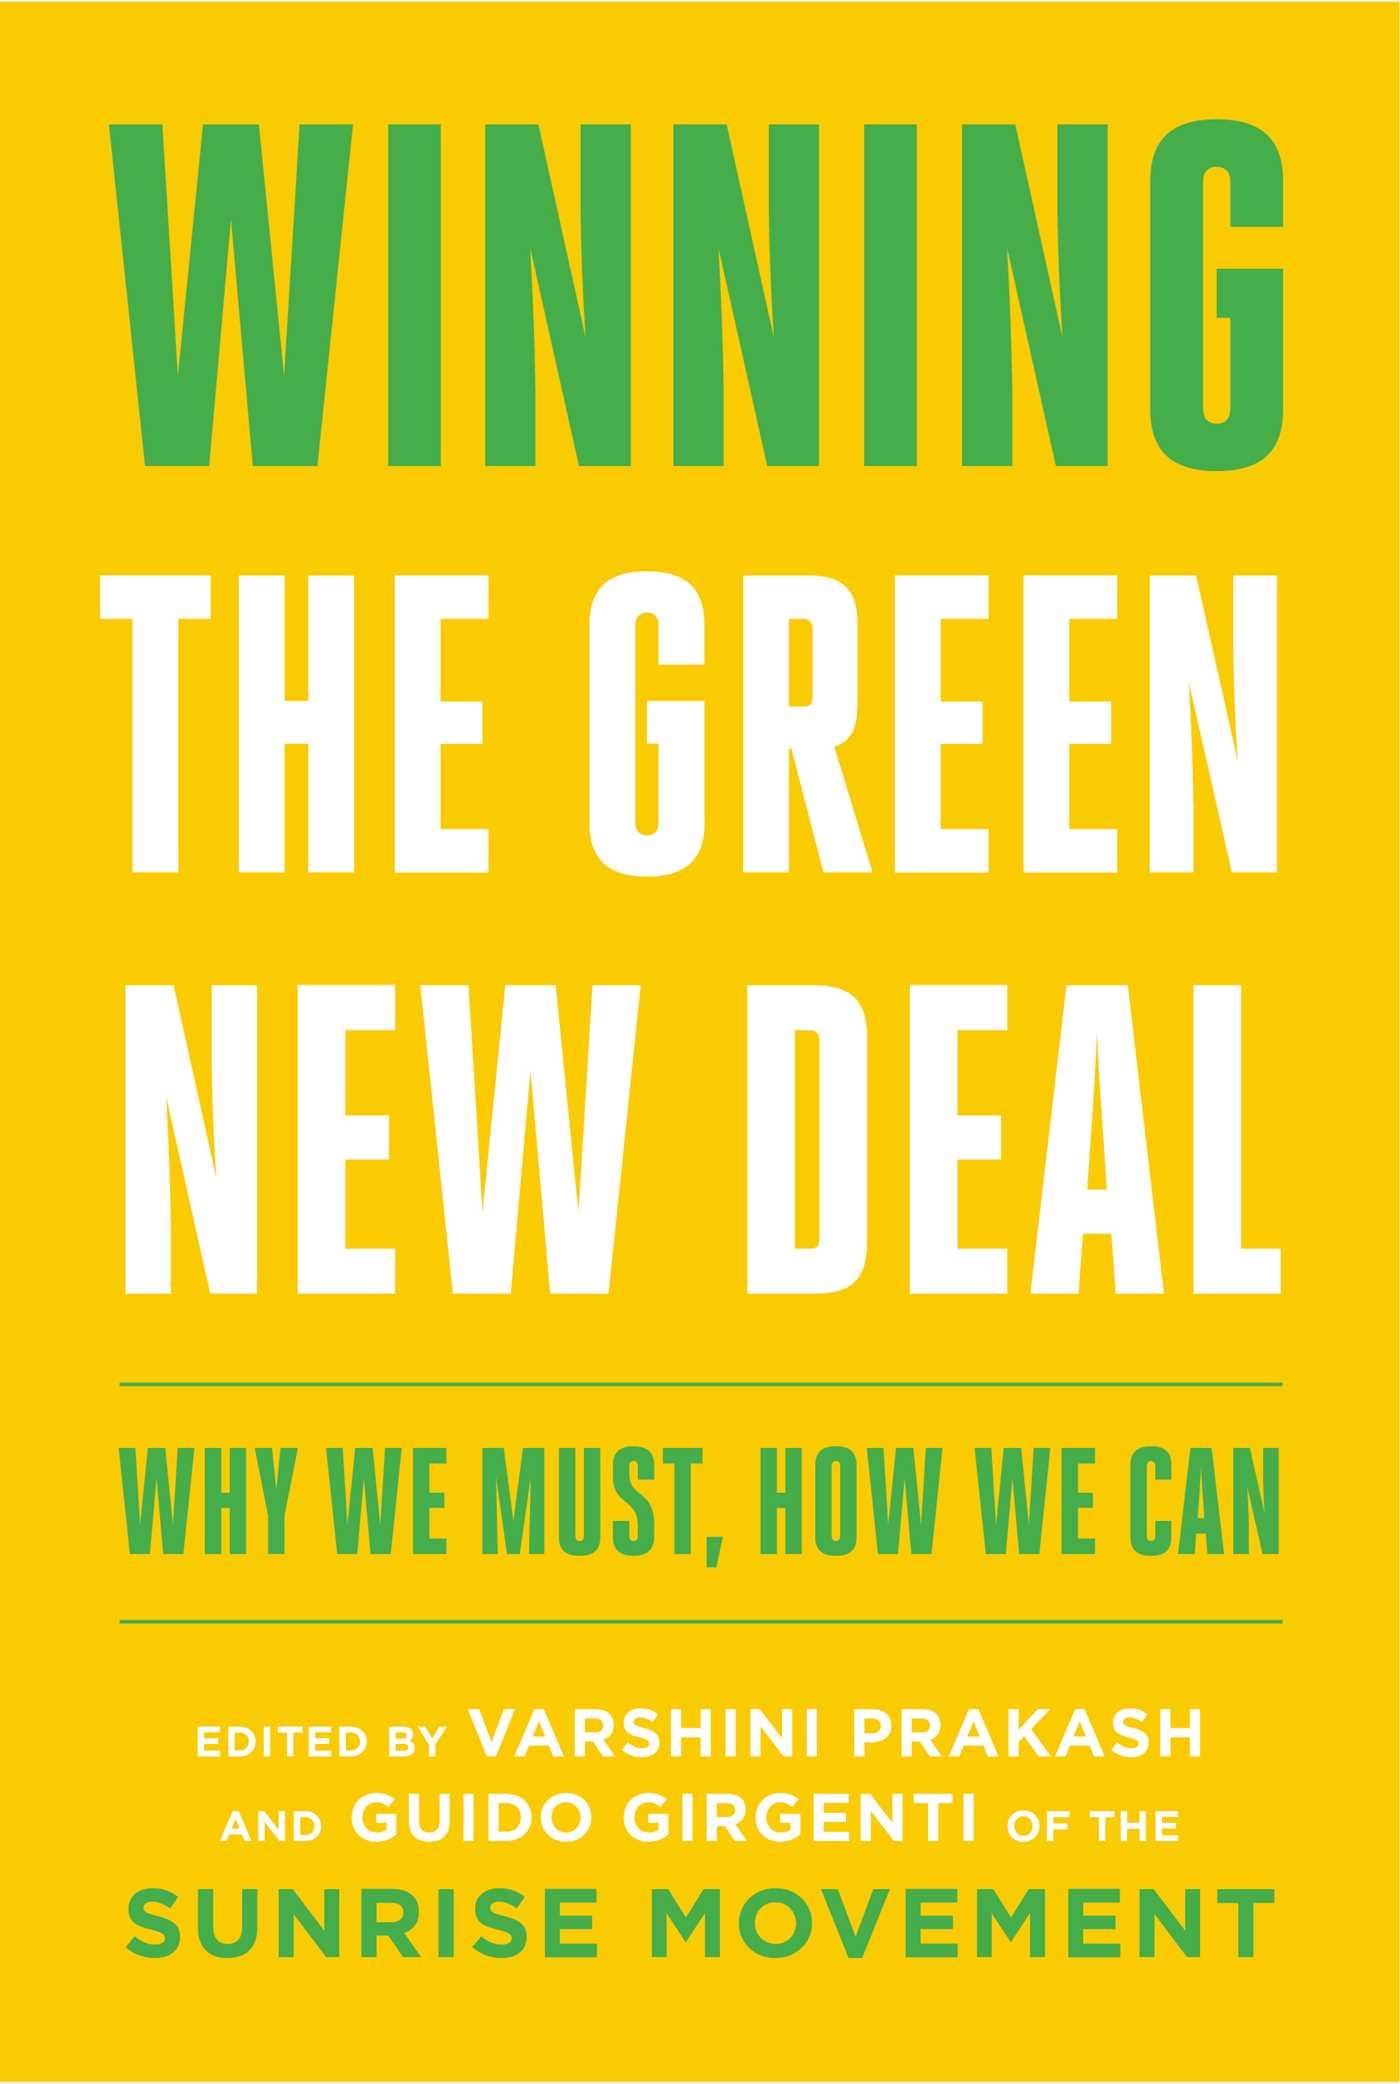 winning-the-green-new-deal.jpeg